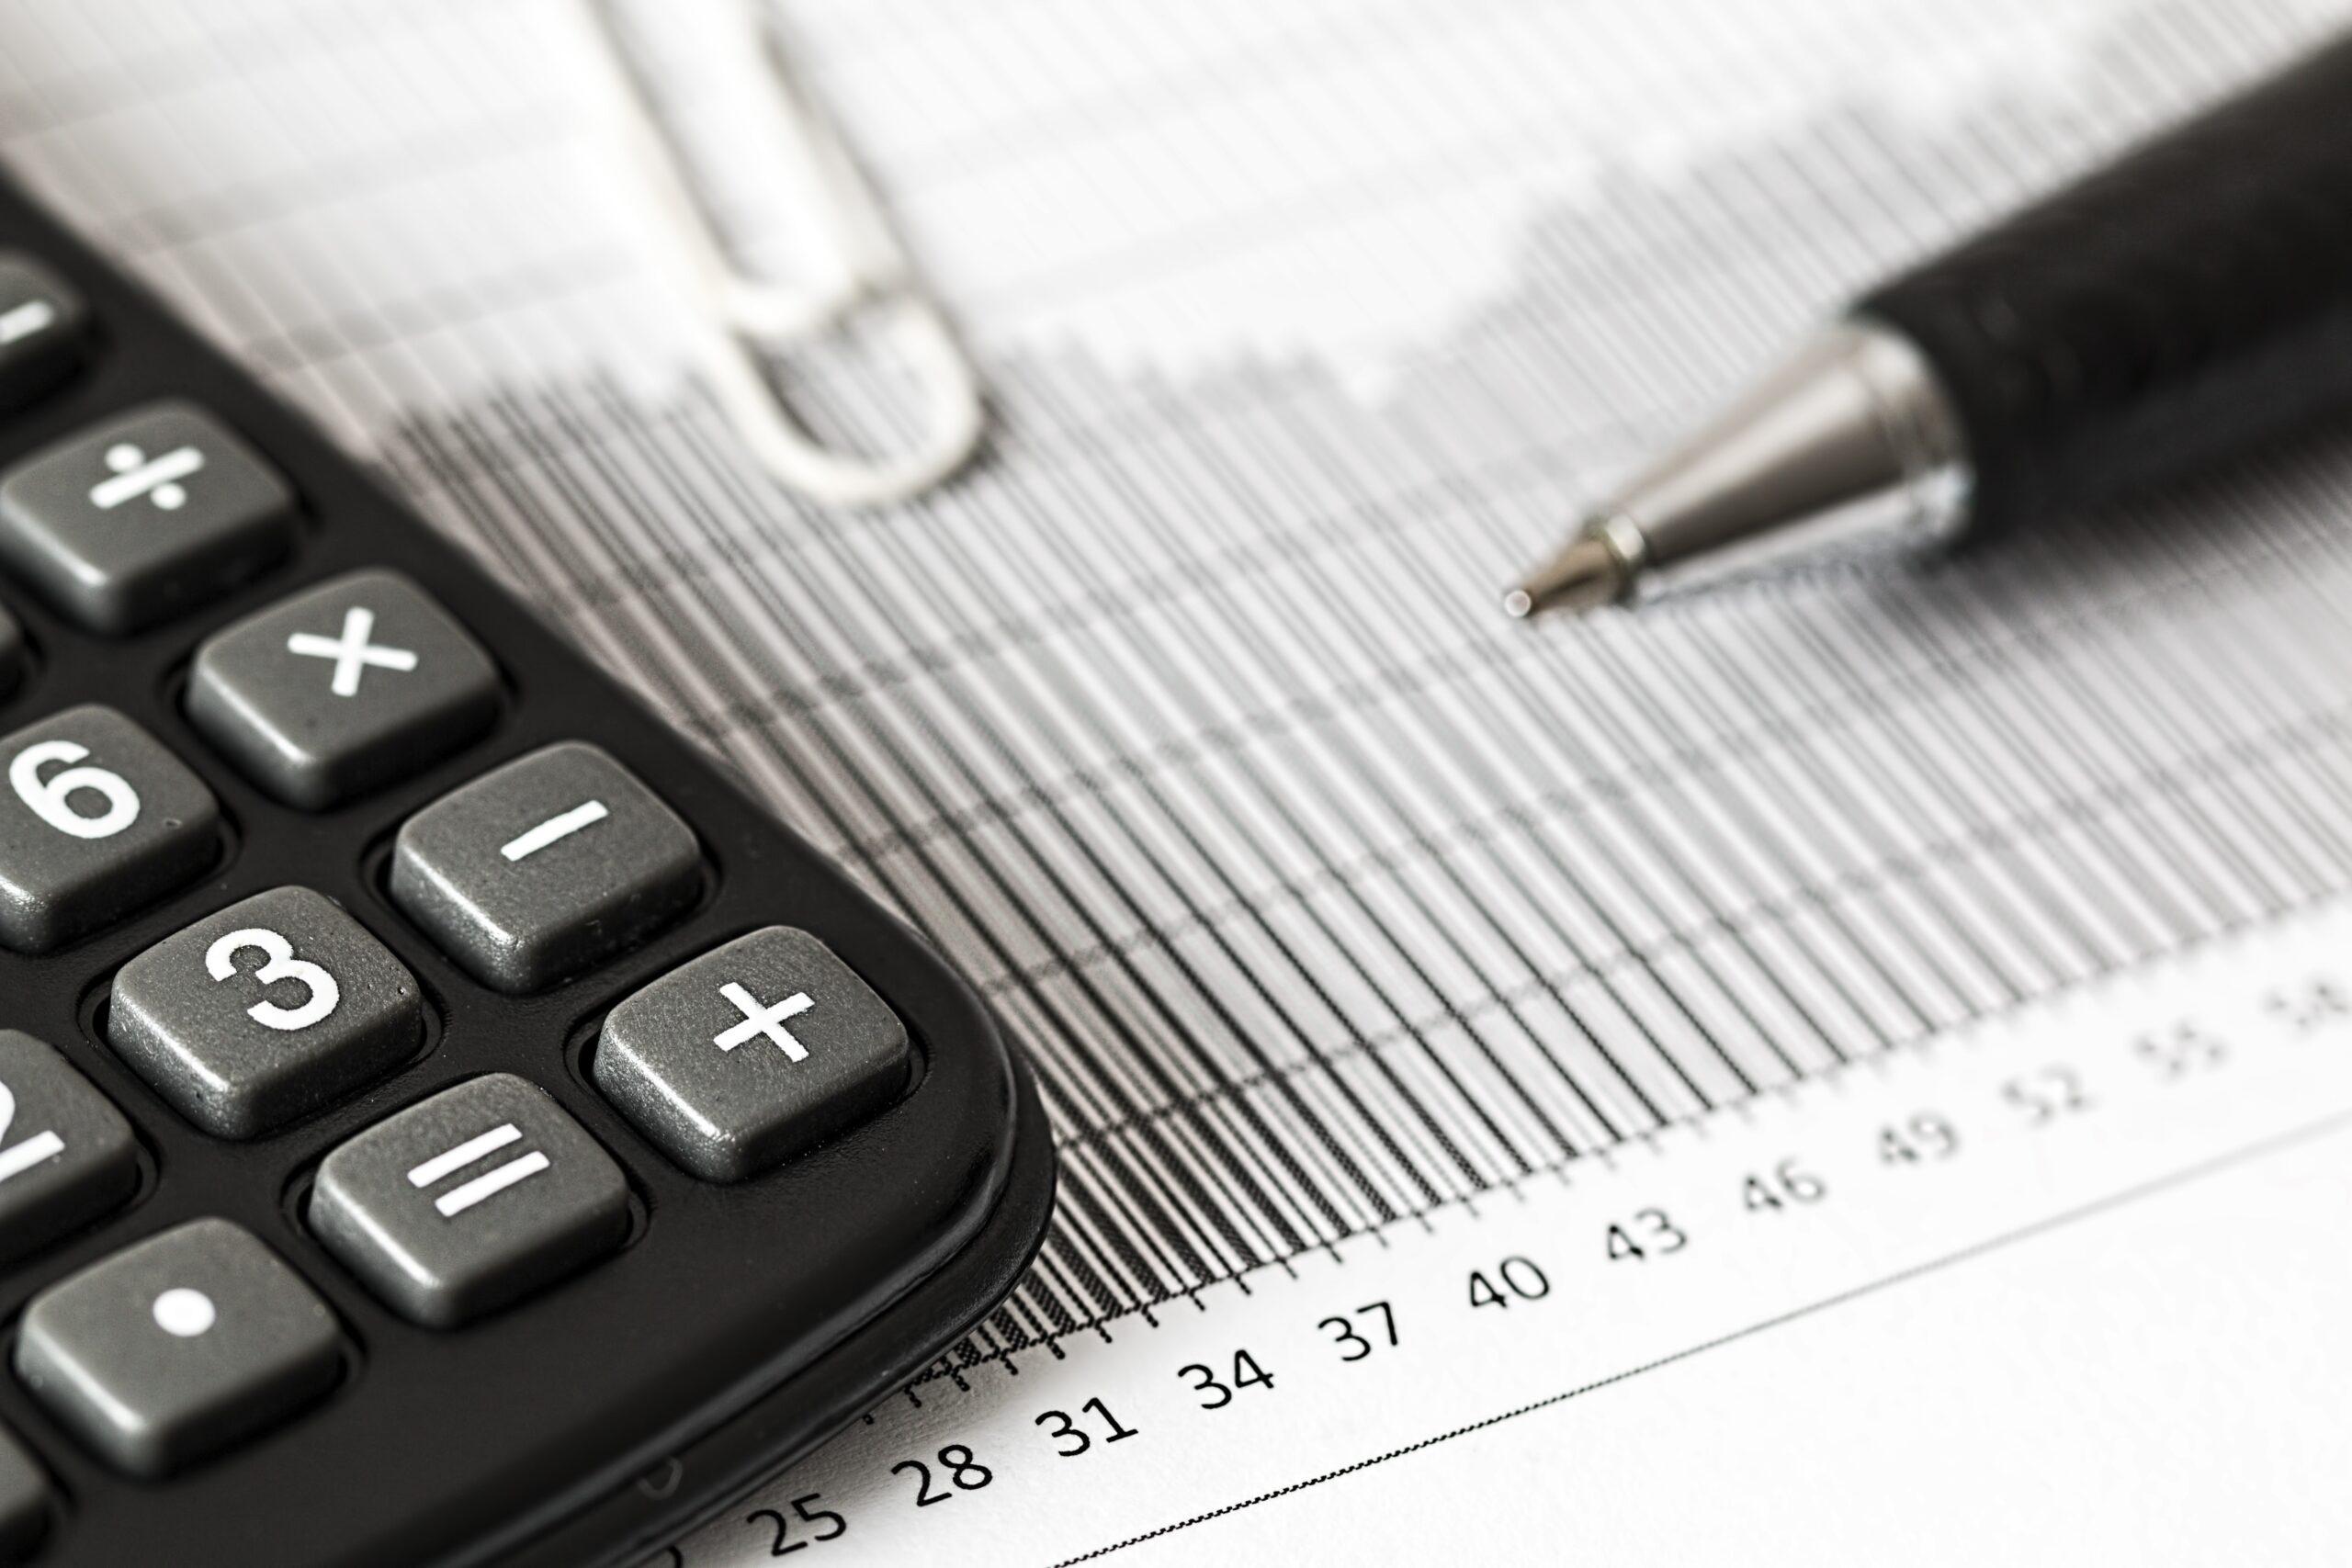 Conto economico, cos'è il conto economico? migliorare il conto economico? componenti positivi e negativi